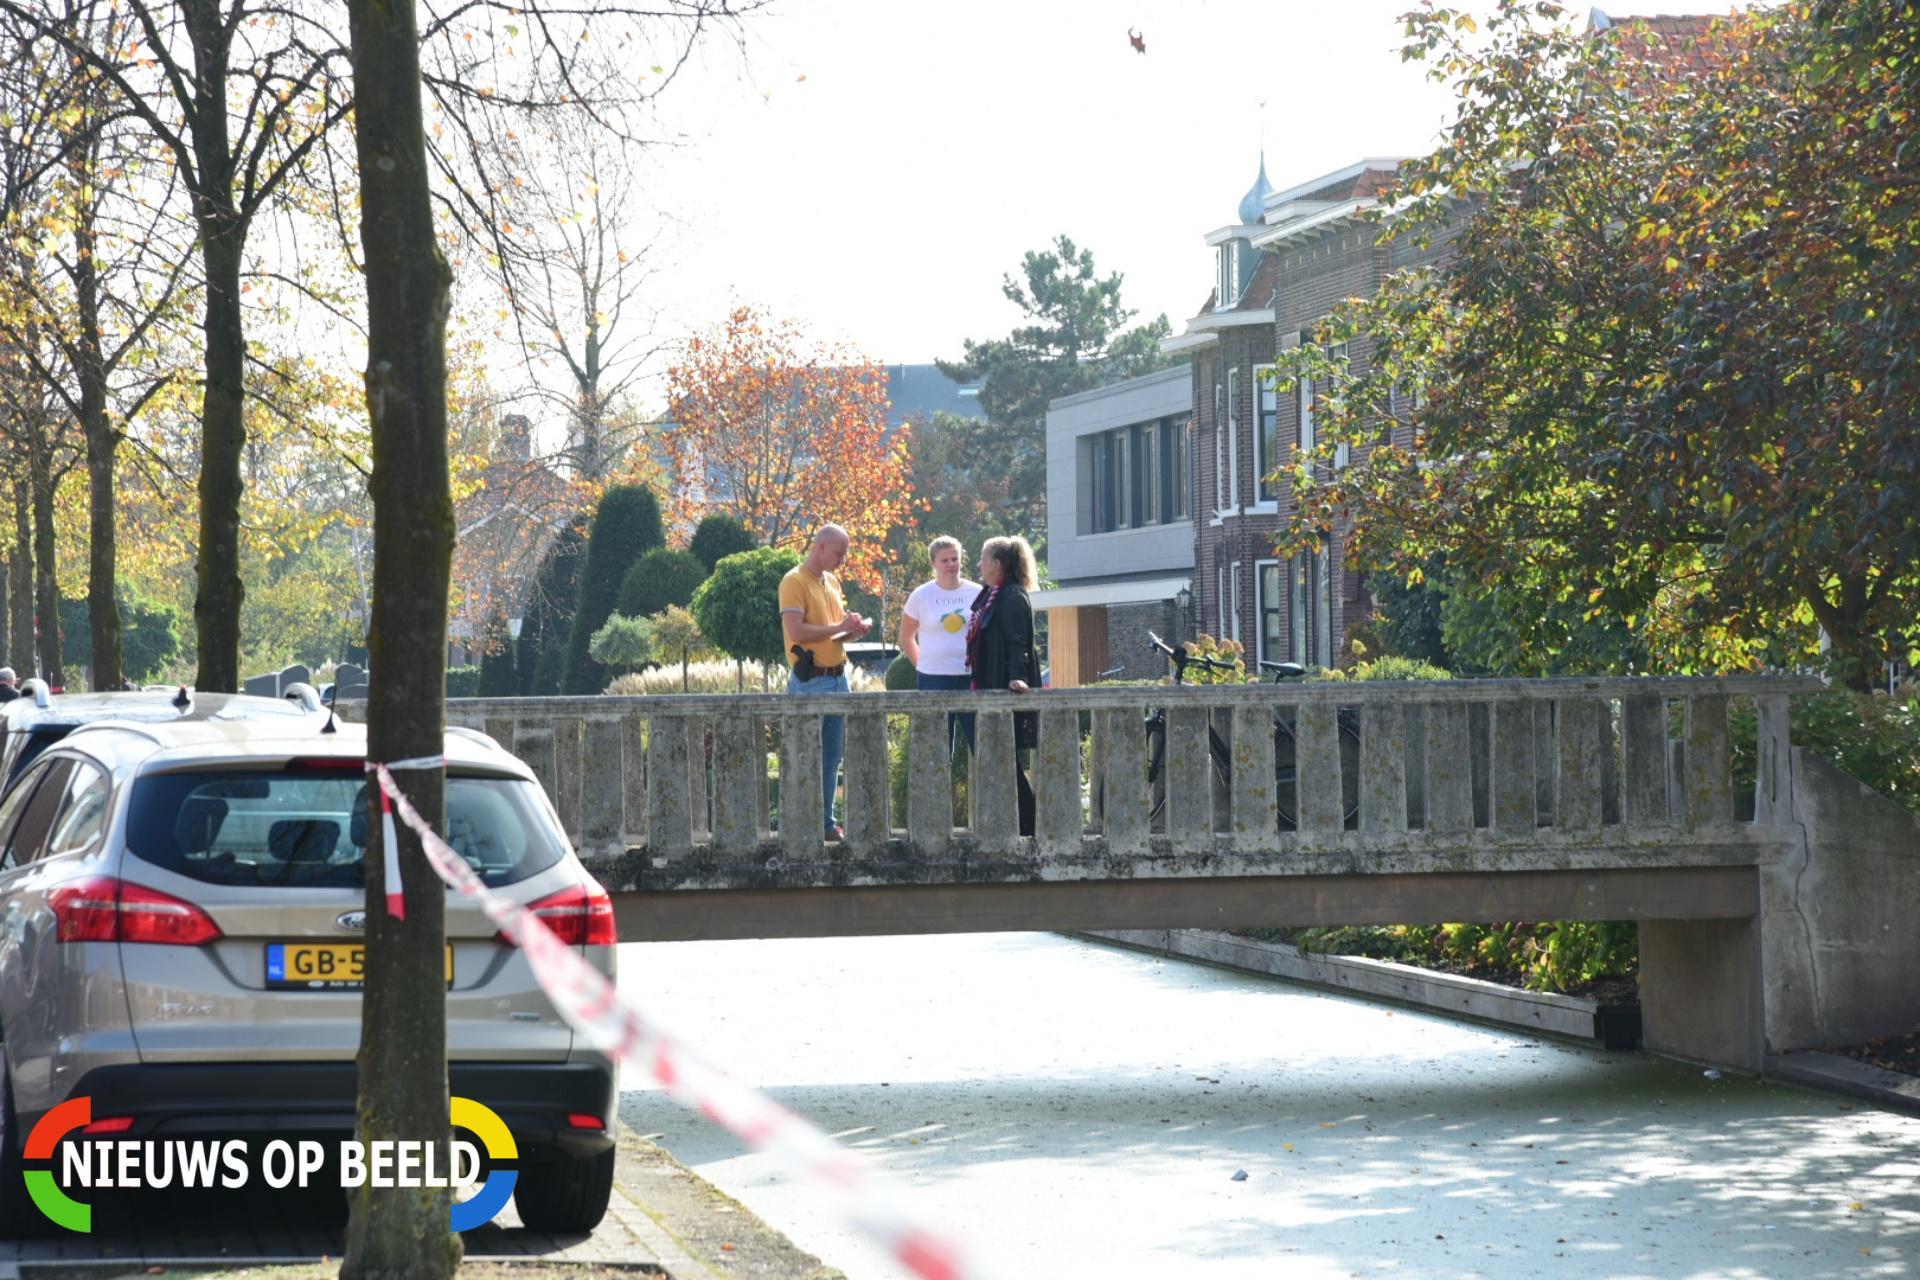 Groot politieonderzoek in verband met vermissingszaak na aantreffen bloedsporen Julianastraat Oud-Beijerland